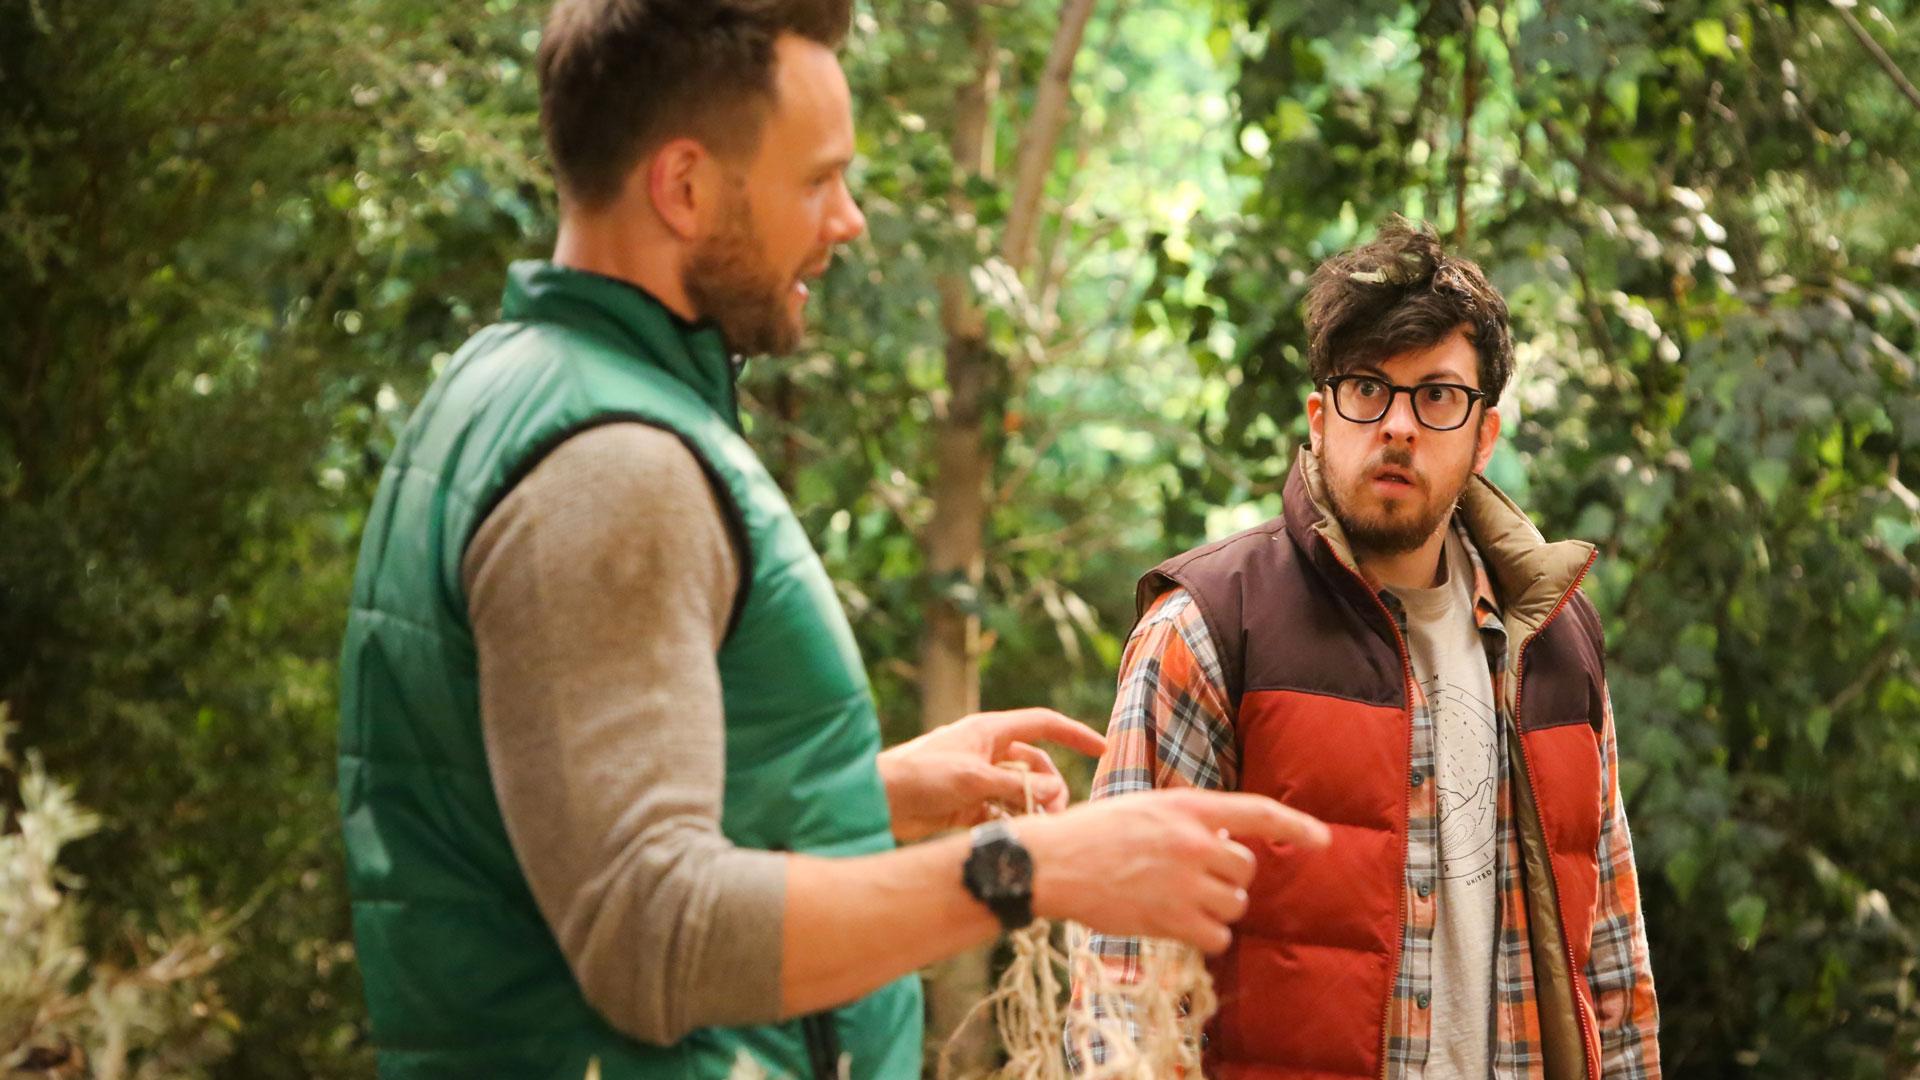 Clark is in awe of his adventure-loving mentor, Jack.